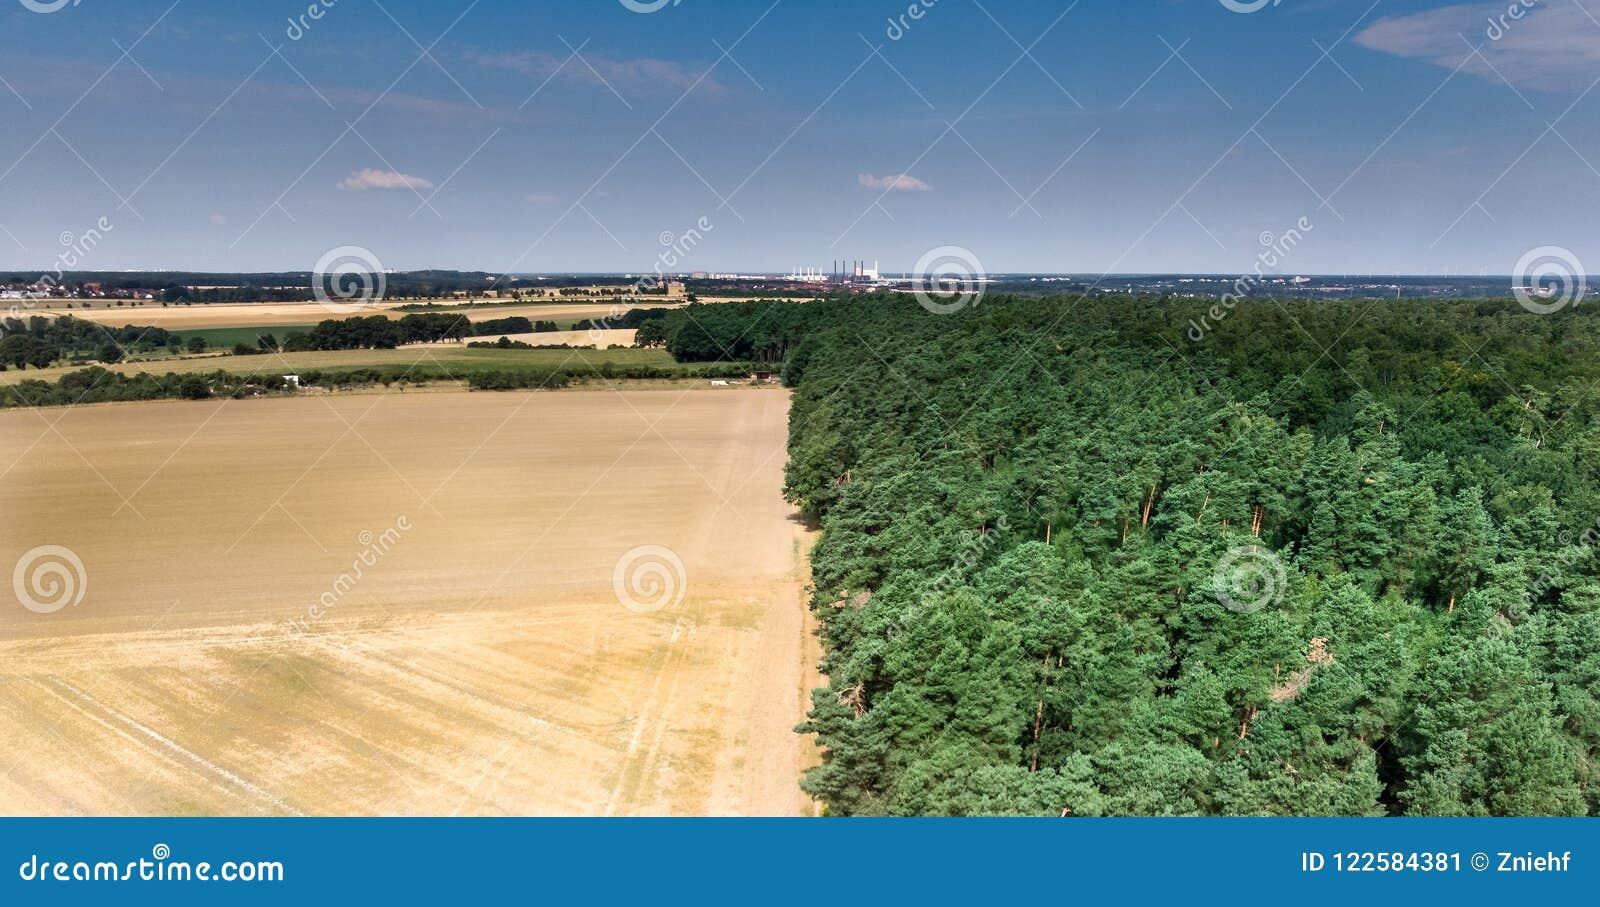 Abstract beeld van een geoogst die tarwegebied, bij een bosgrens, in het midden, met blauwe hemel op de achtergrond wordt verdeel